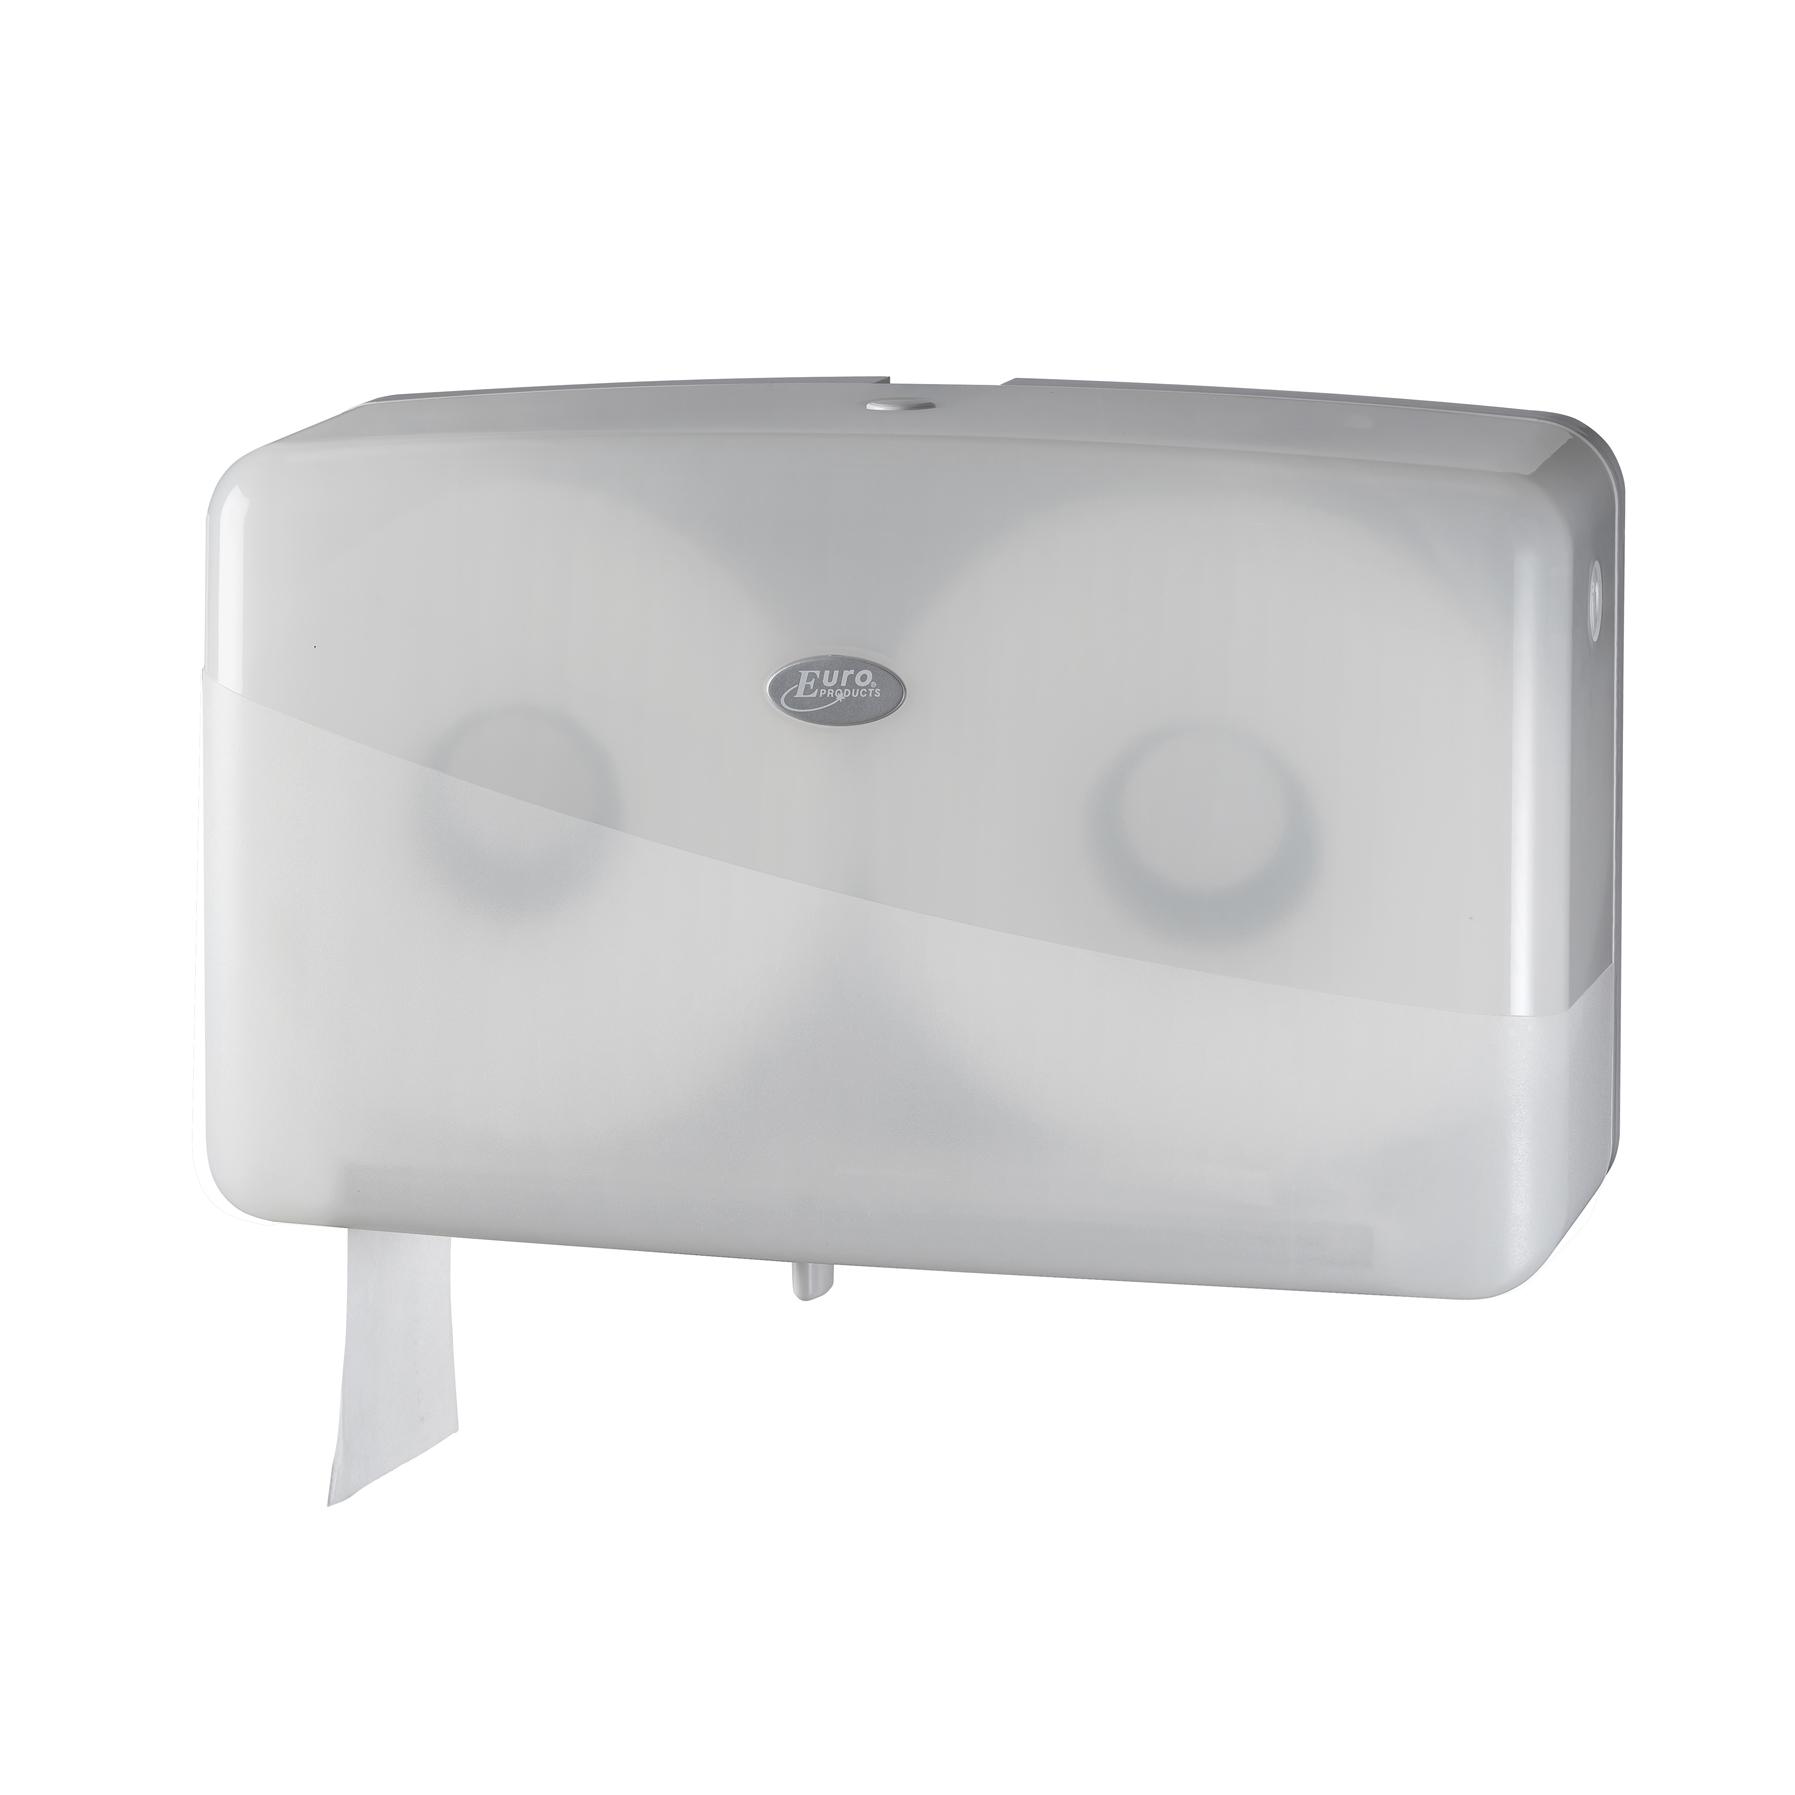 TOILET PAPER DISP. - Dbl 400f roll